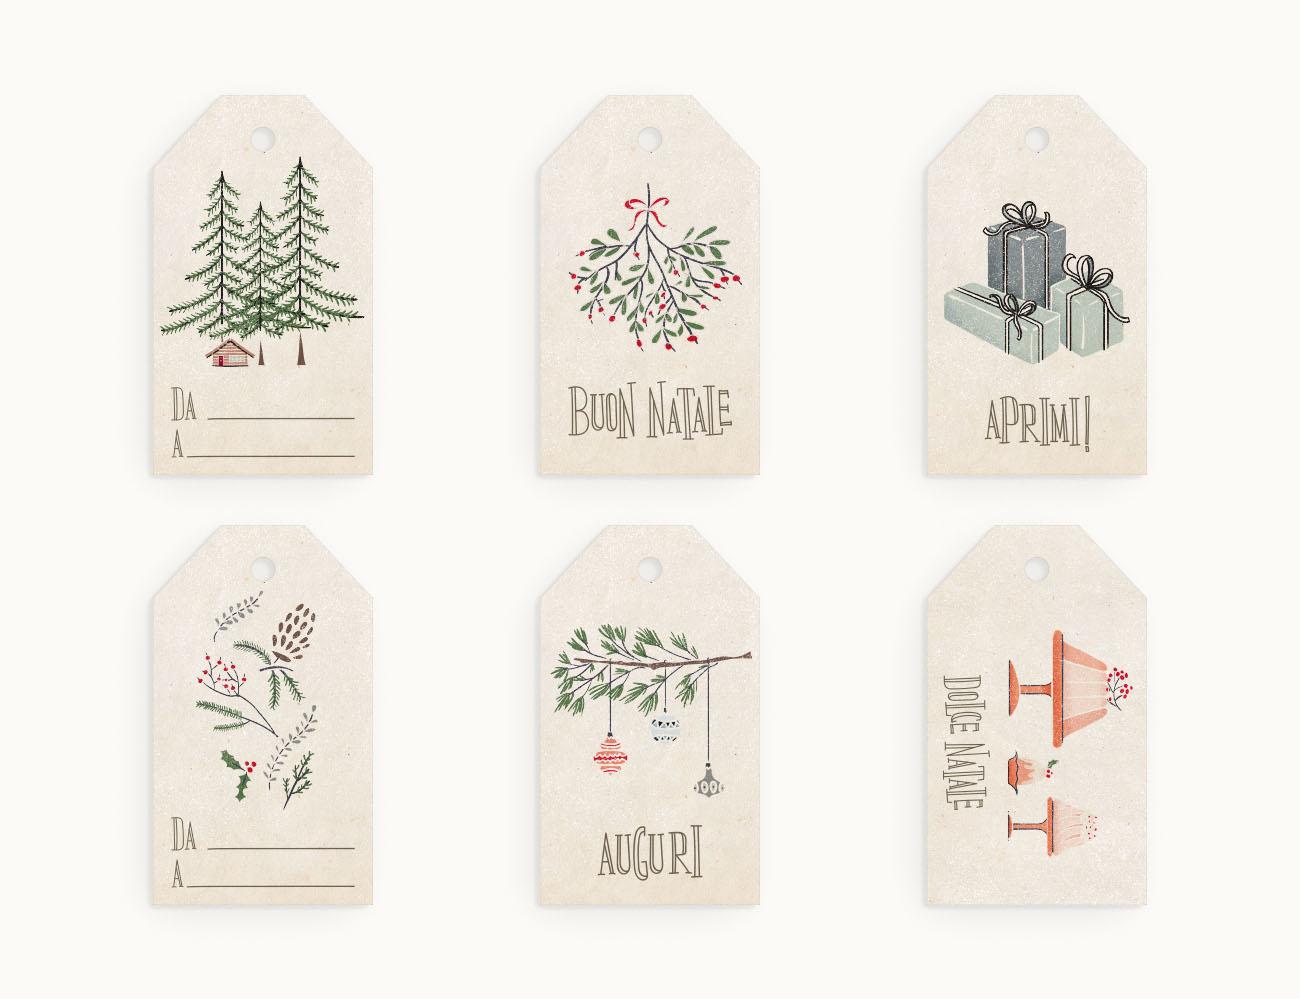 Etichette Natalizie Da Stampare etichette natalizie da scaricare gratis - bigwhitecloudrecs